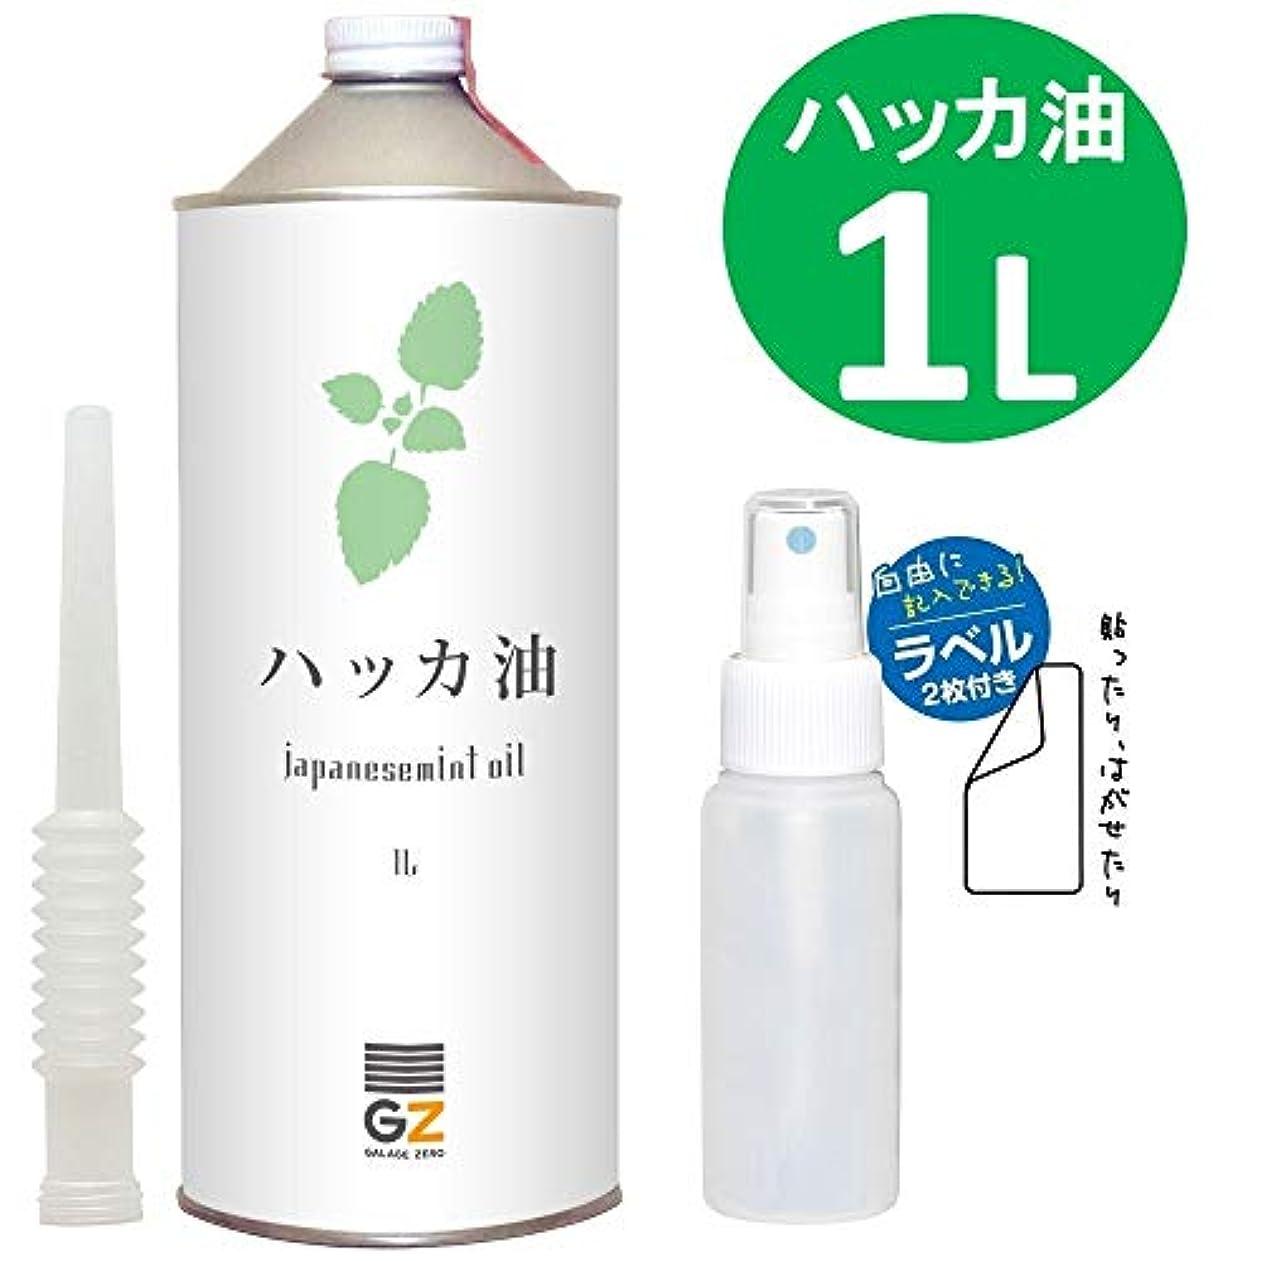 はしご拒否コンソールガレージ?ゼロ ハッカ油 1L(GZAK14)+50mlPEスプレーボトル/和種薄荷/ジャパニーズミント GSE531